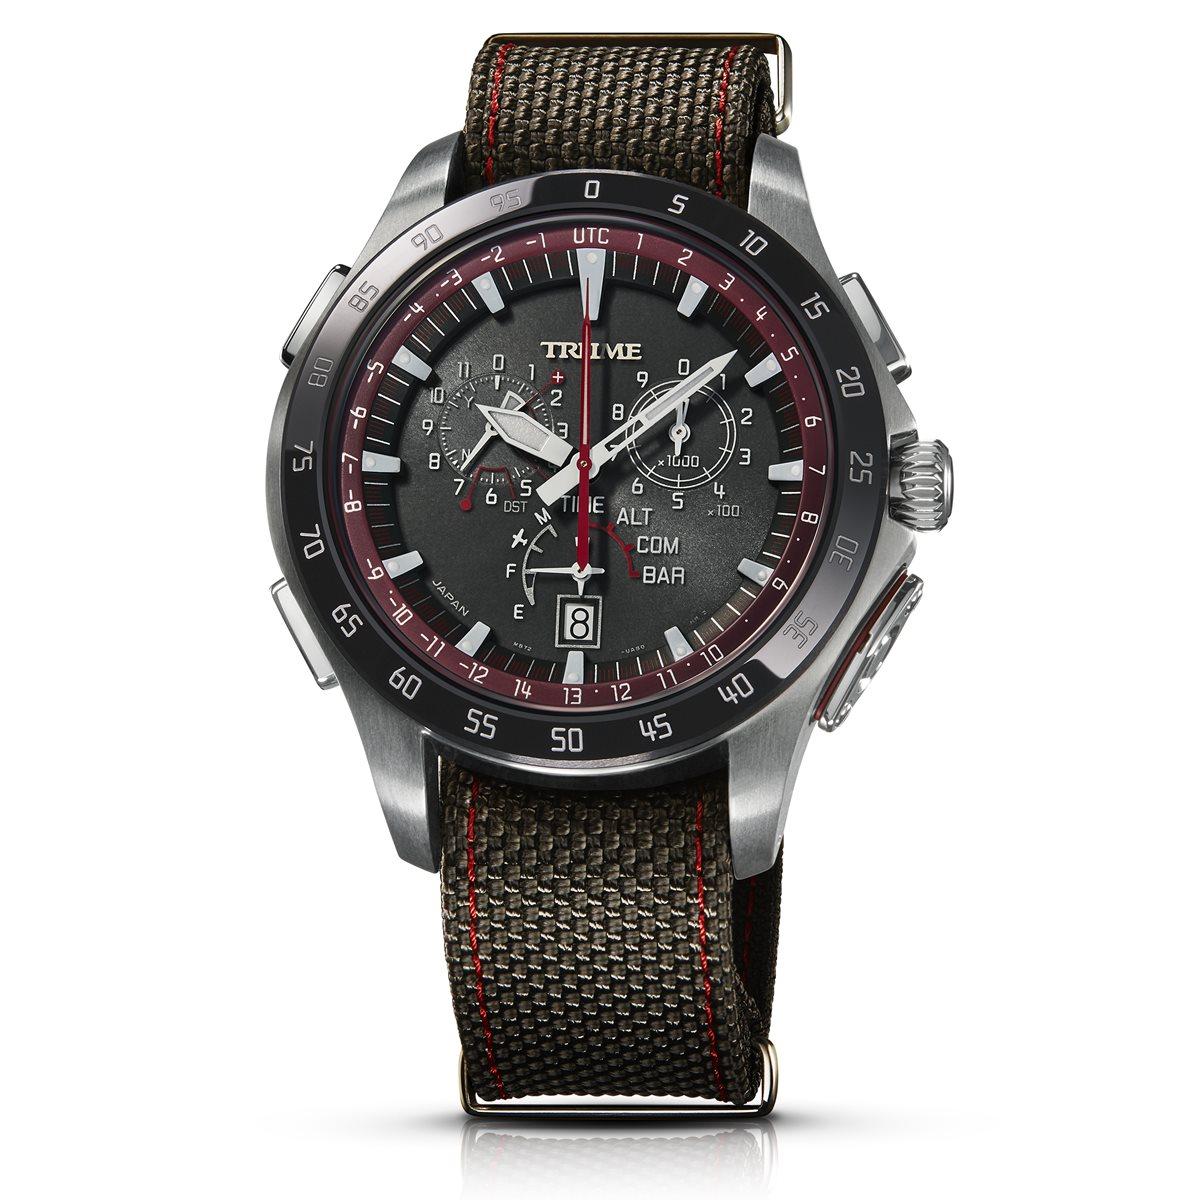 エプソン トゥルーム EPSON TRUME ライトチャージ GPS衛星電波時計 限定モデル 腕時計 メンズ M collection TR-MB7010X